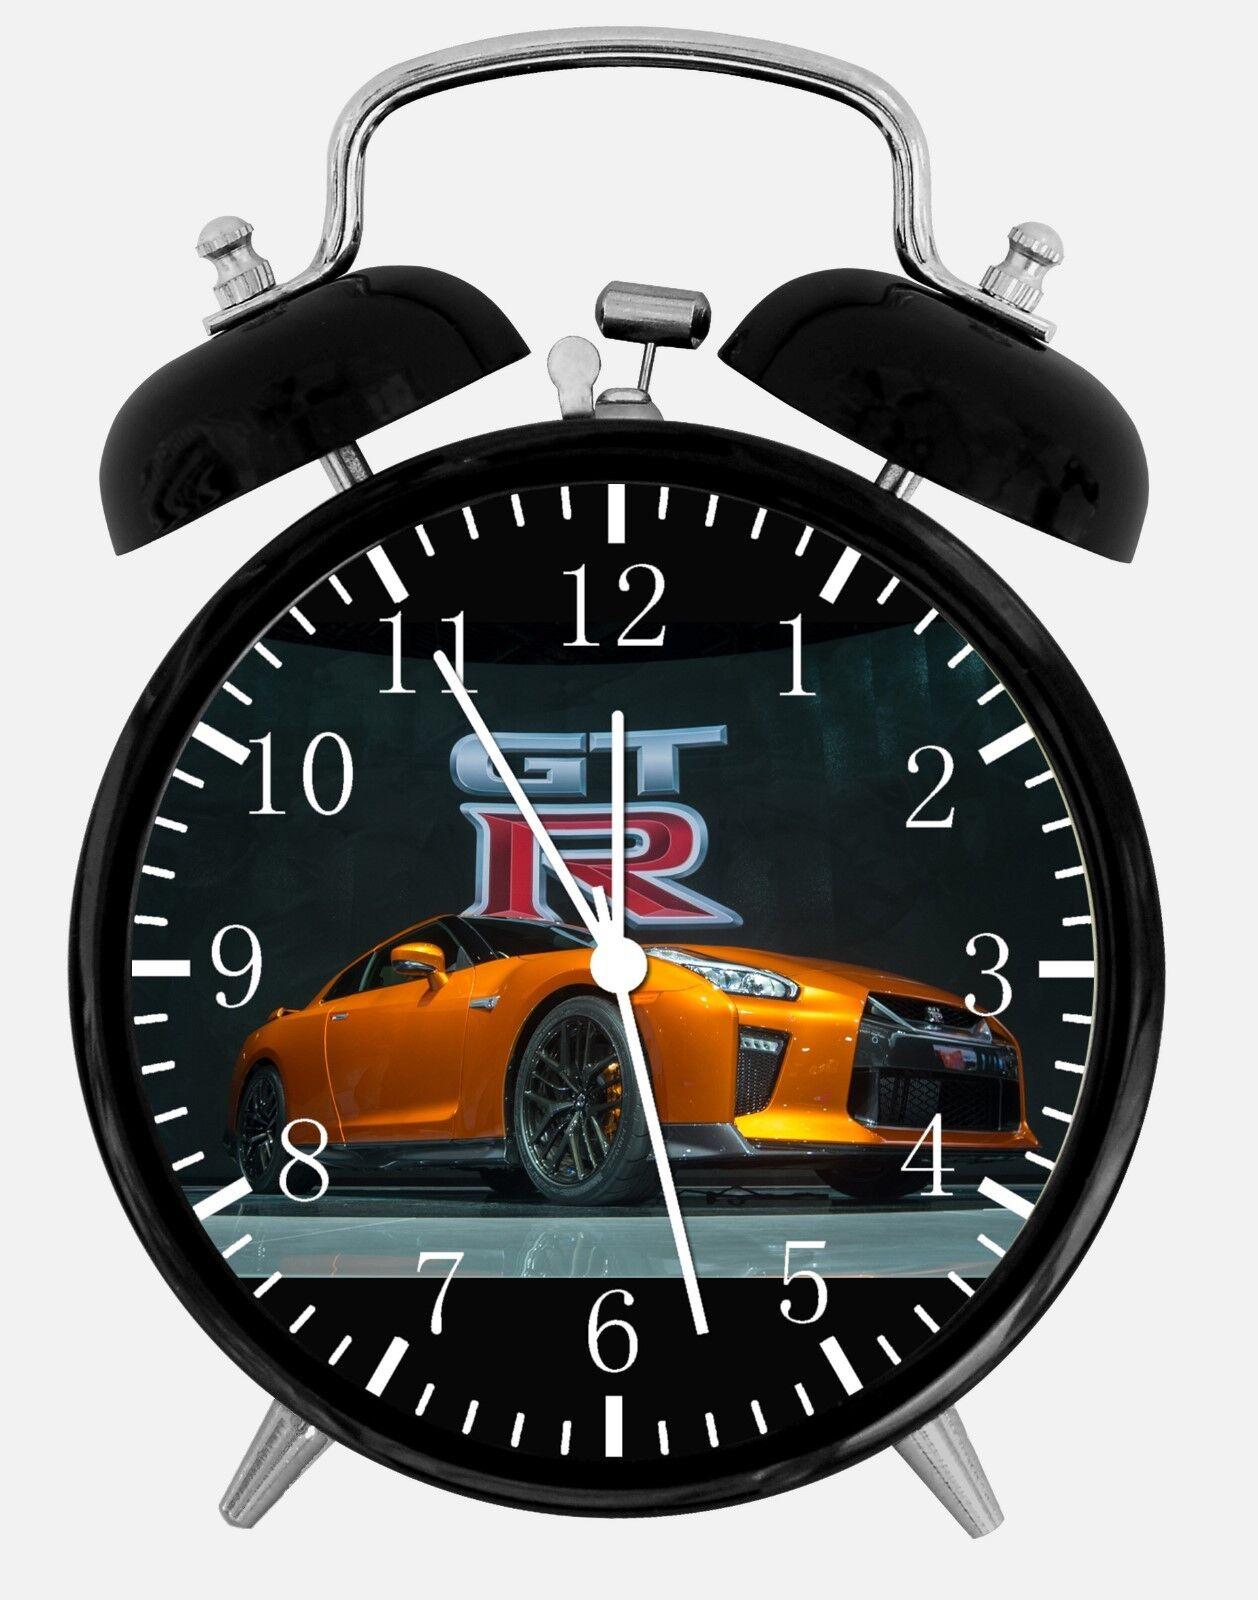 """Nissan GTR Alarm Desk Clock 3.75"""" Home or Office Decor E290 Nice For Gift"""